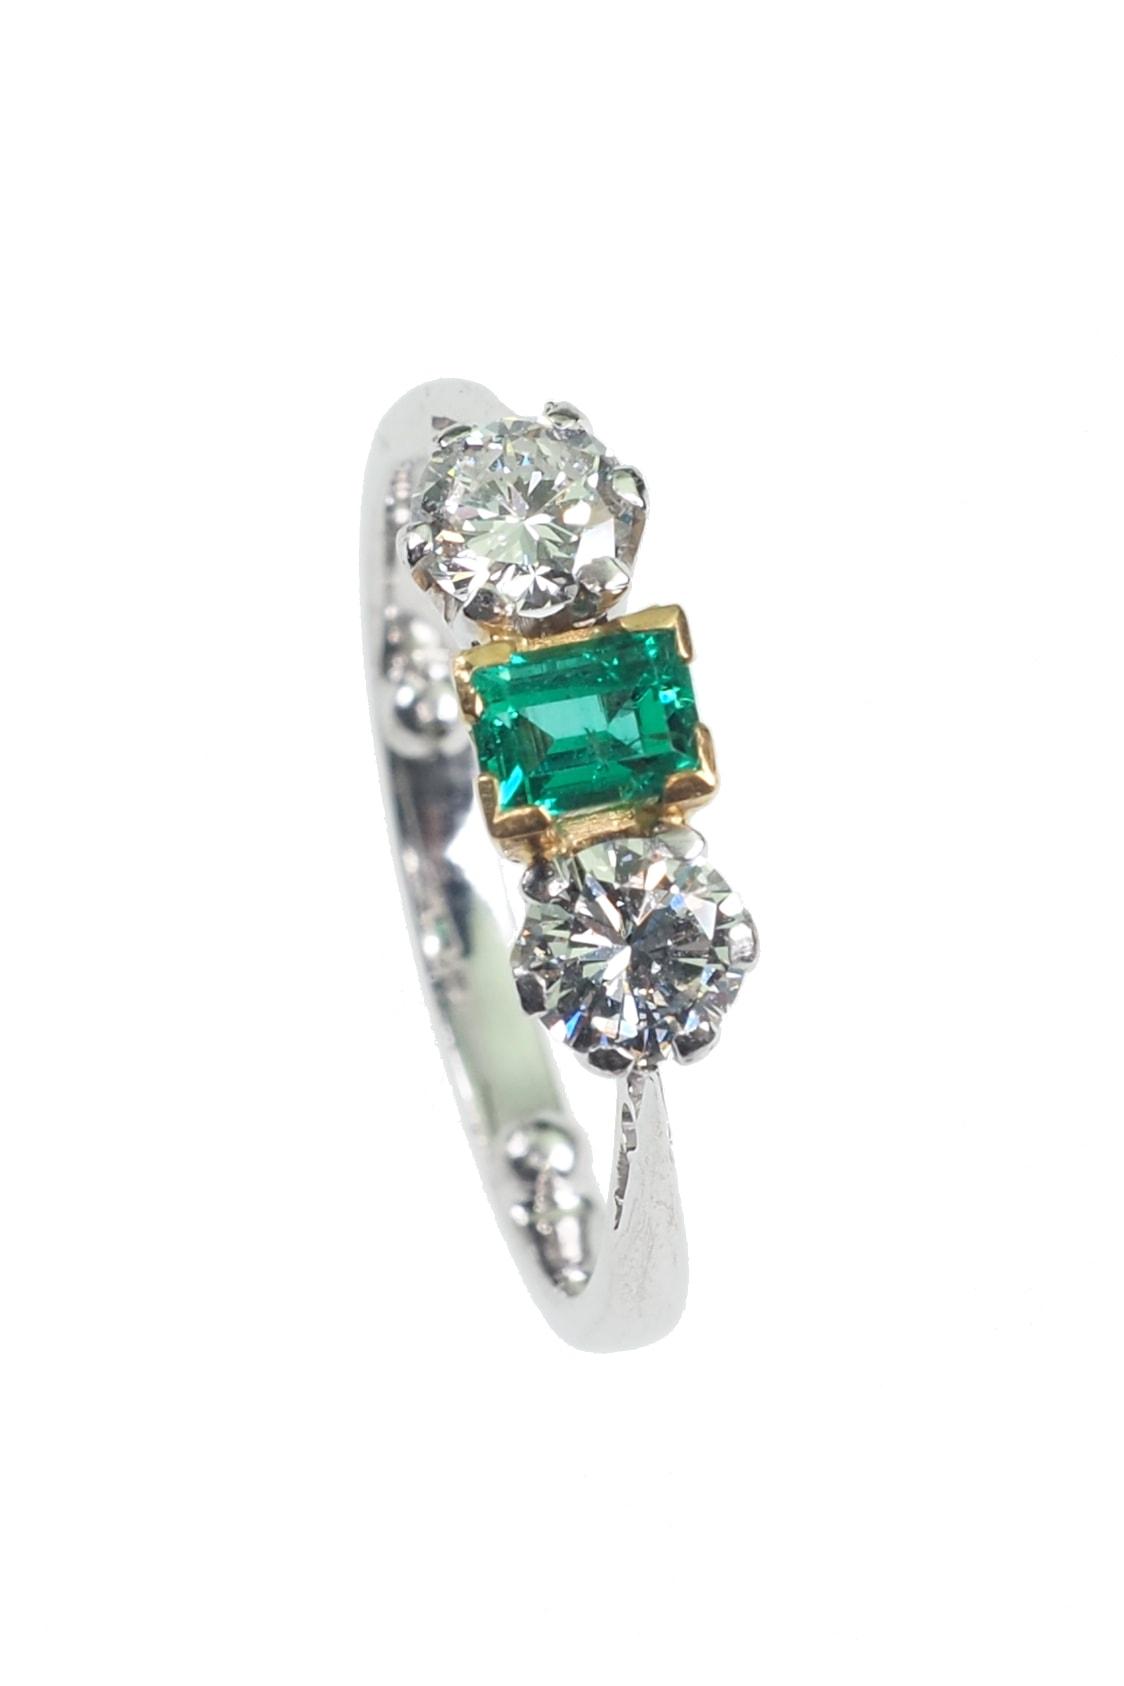 Smaragdringe-online-kaufen-0756a